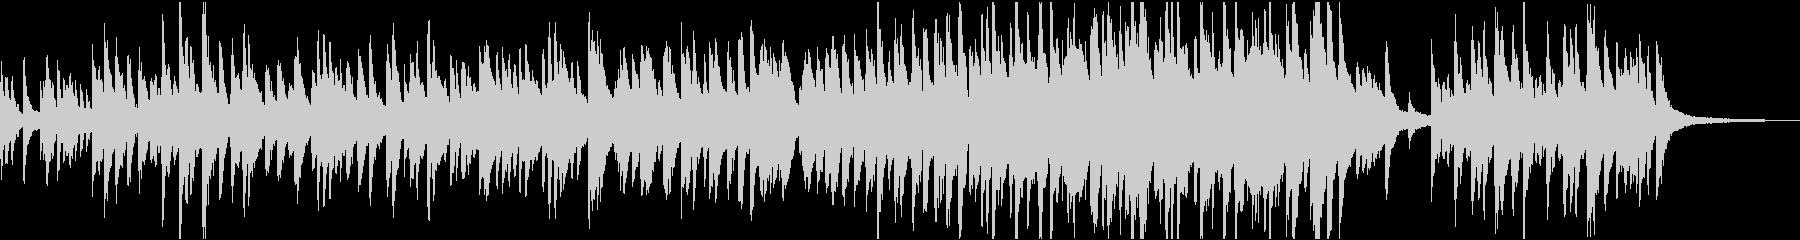 すこし切ないピアノソロの未再生の波形